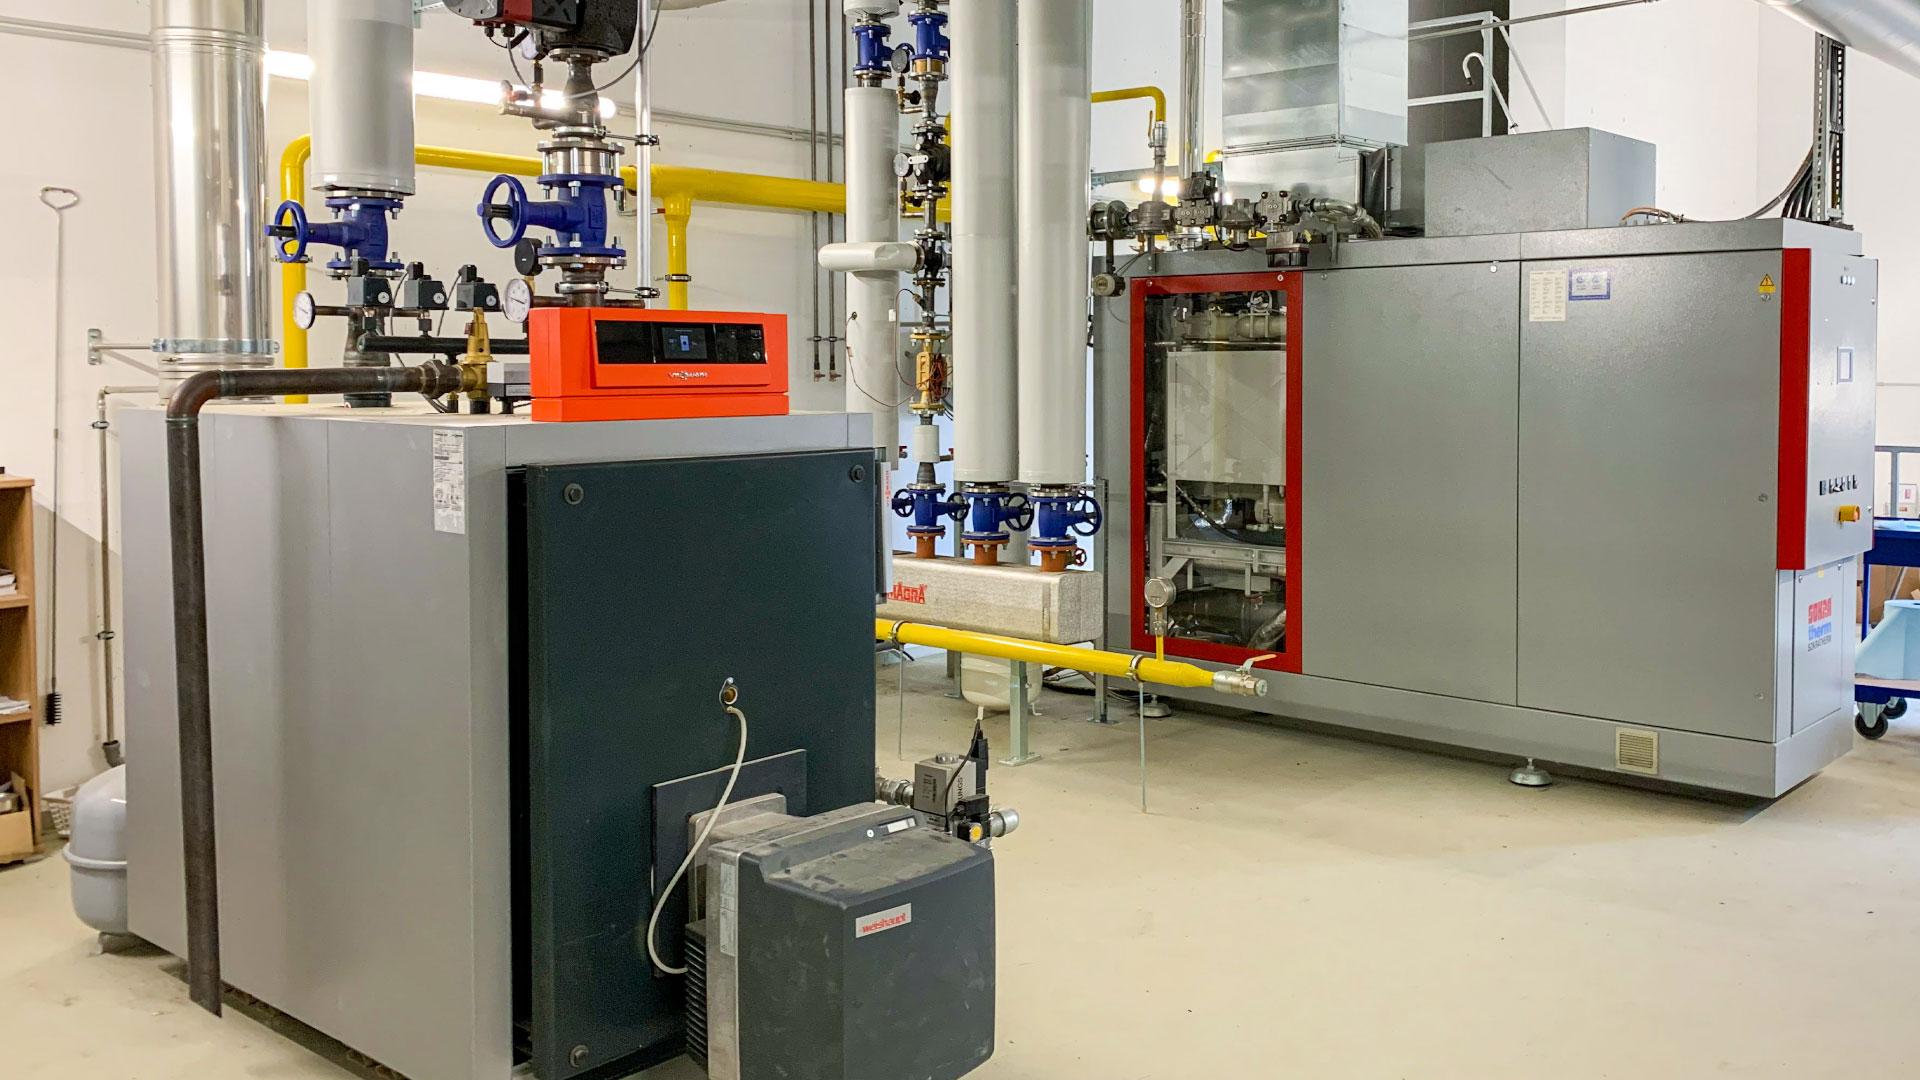 Heizkraftwerkelemente zur Steuerung der Fernwärme im Blockheizkraftwerks in der Pfarrer Aigner Straße in Grafing bei München